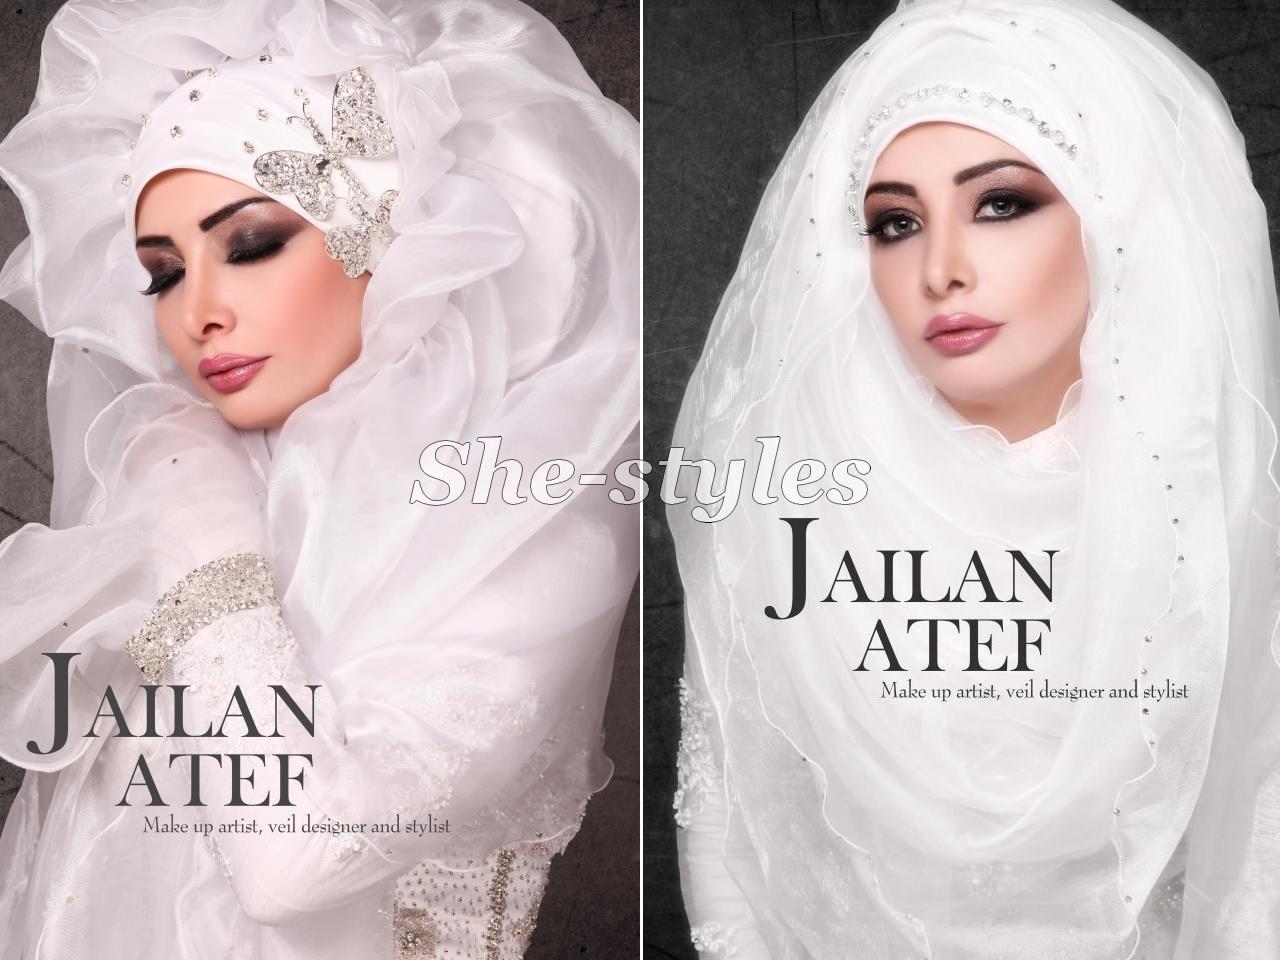 Jailan Atef Casual Hijab Amp Formal Veil Collection 2012